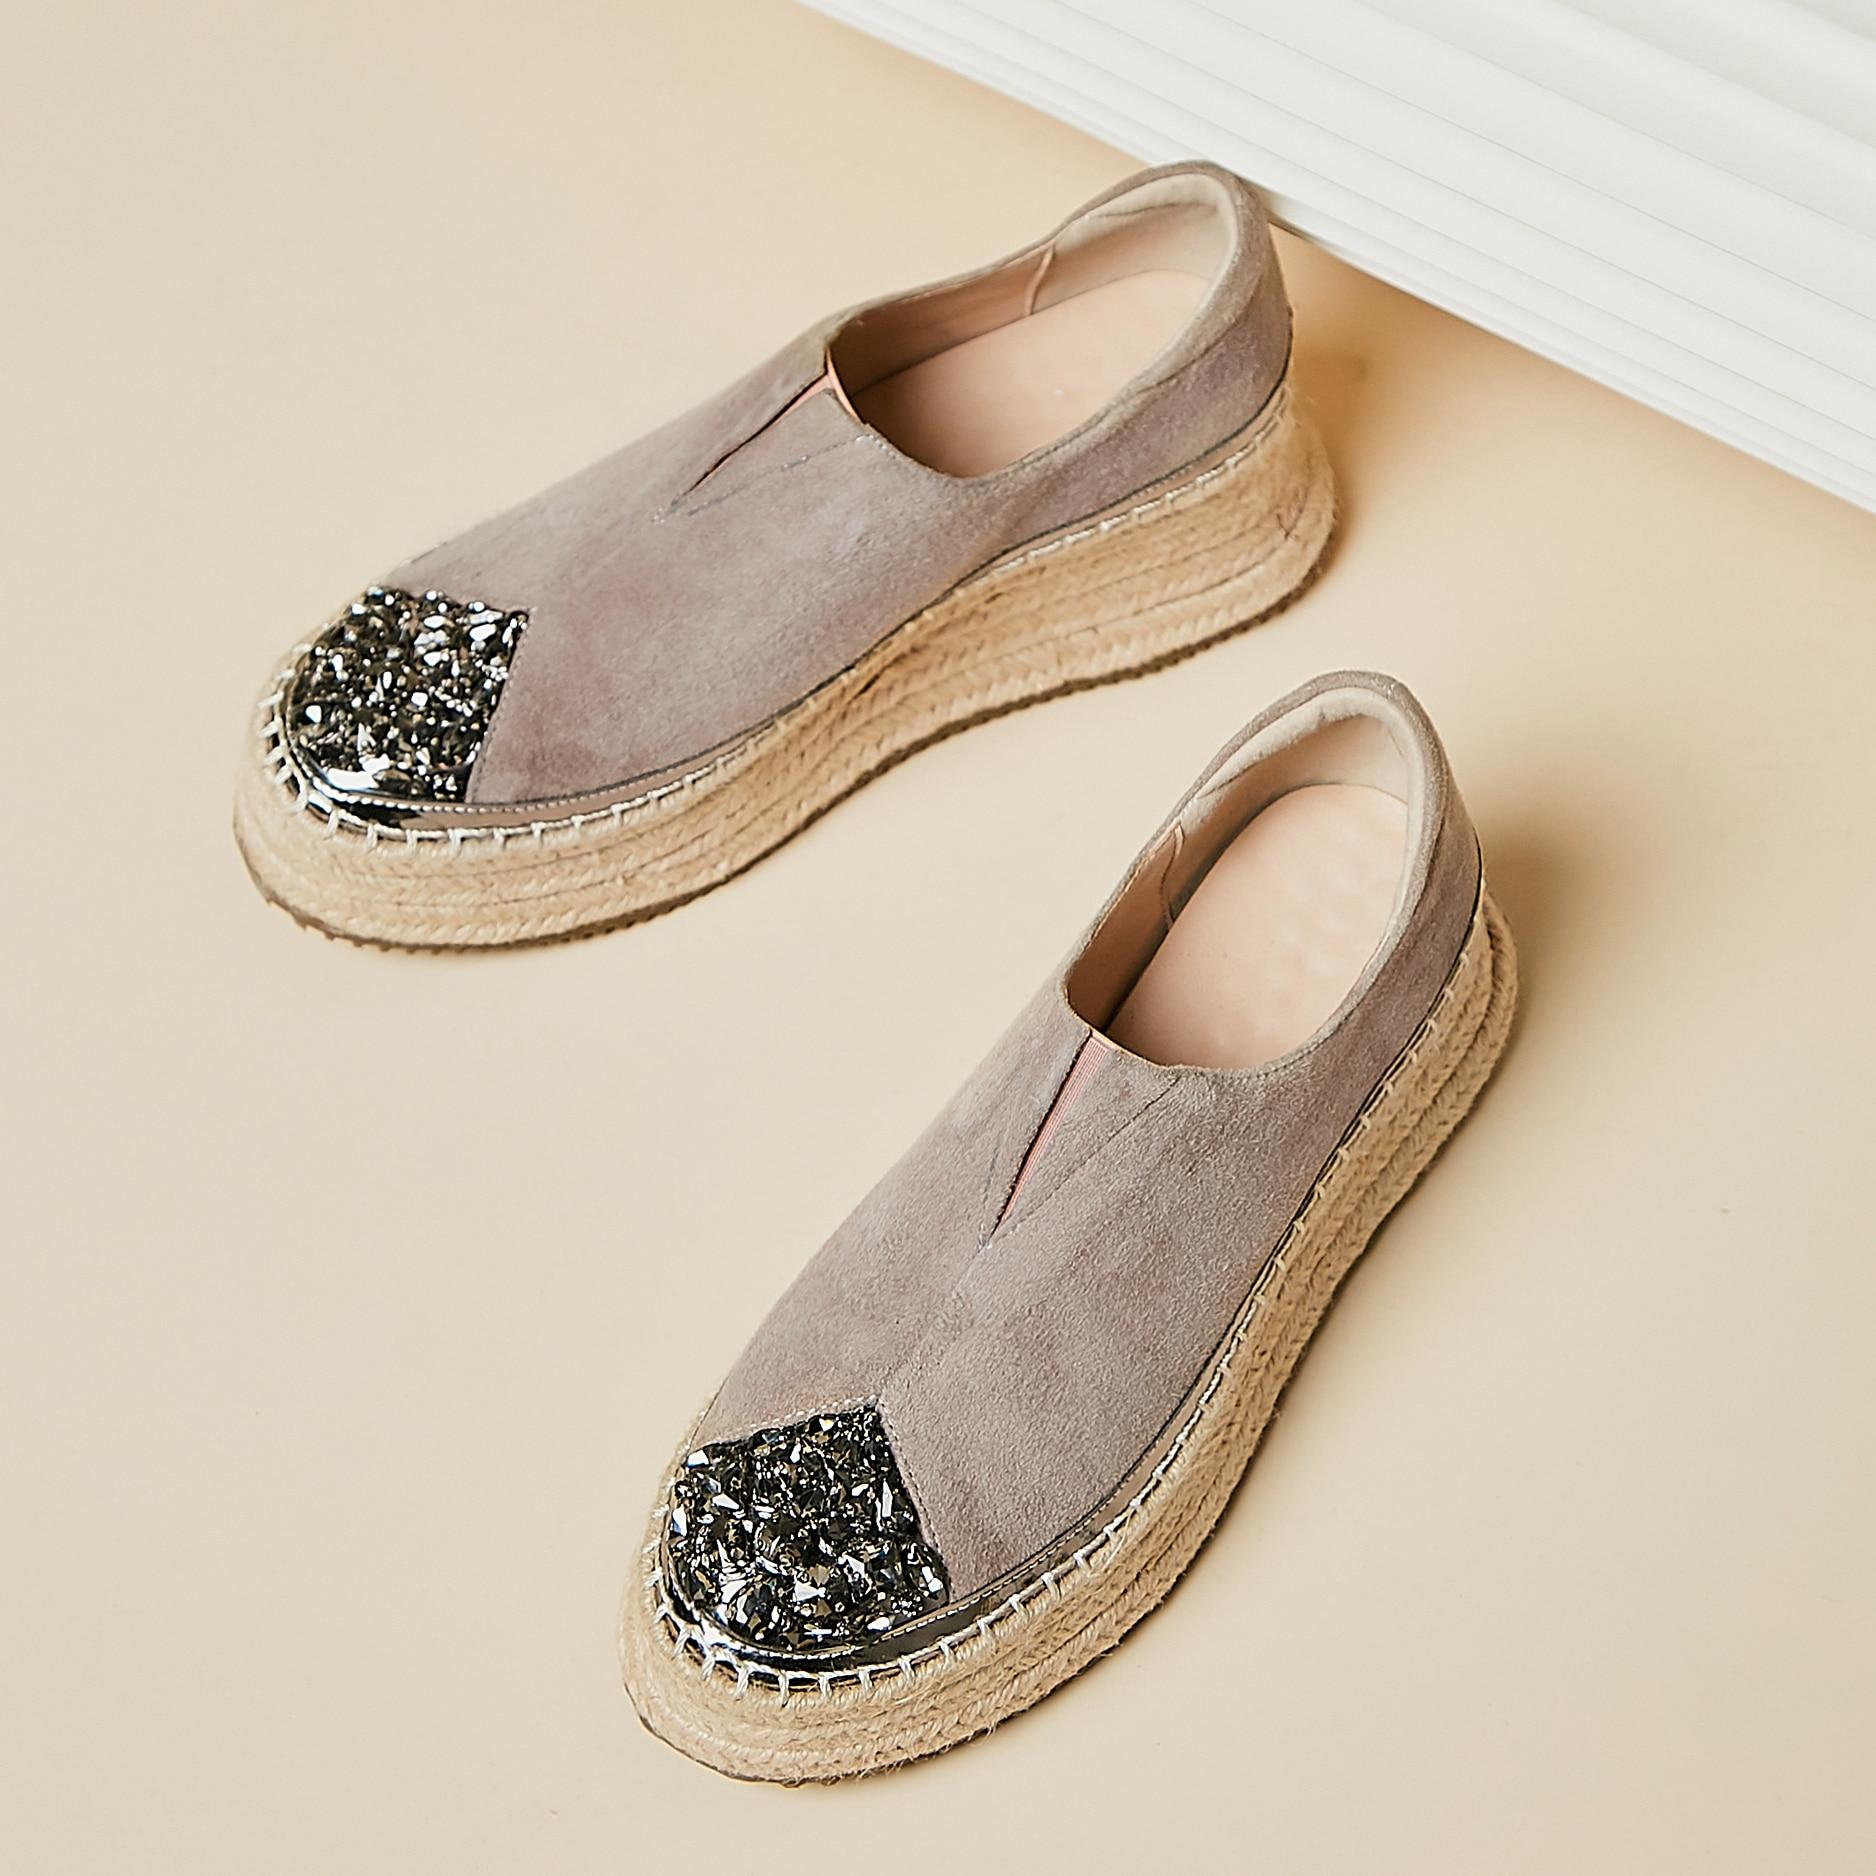 Genuino de las mujeres de sueede de diamantes de imitación de cuero del dedo del pie mujer slip-on mocasines plataforma de ocio pisos alpargatas mocasines zapatos mujeres